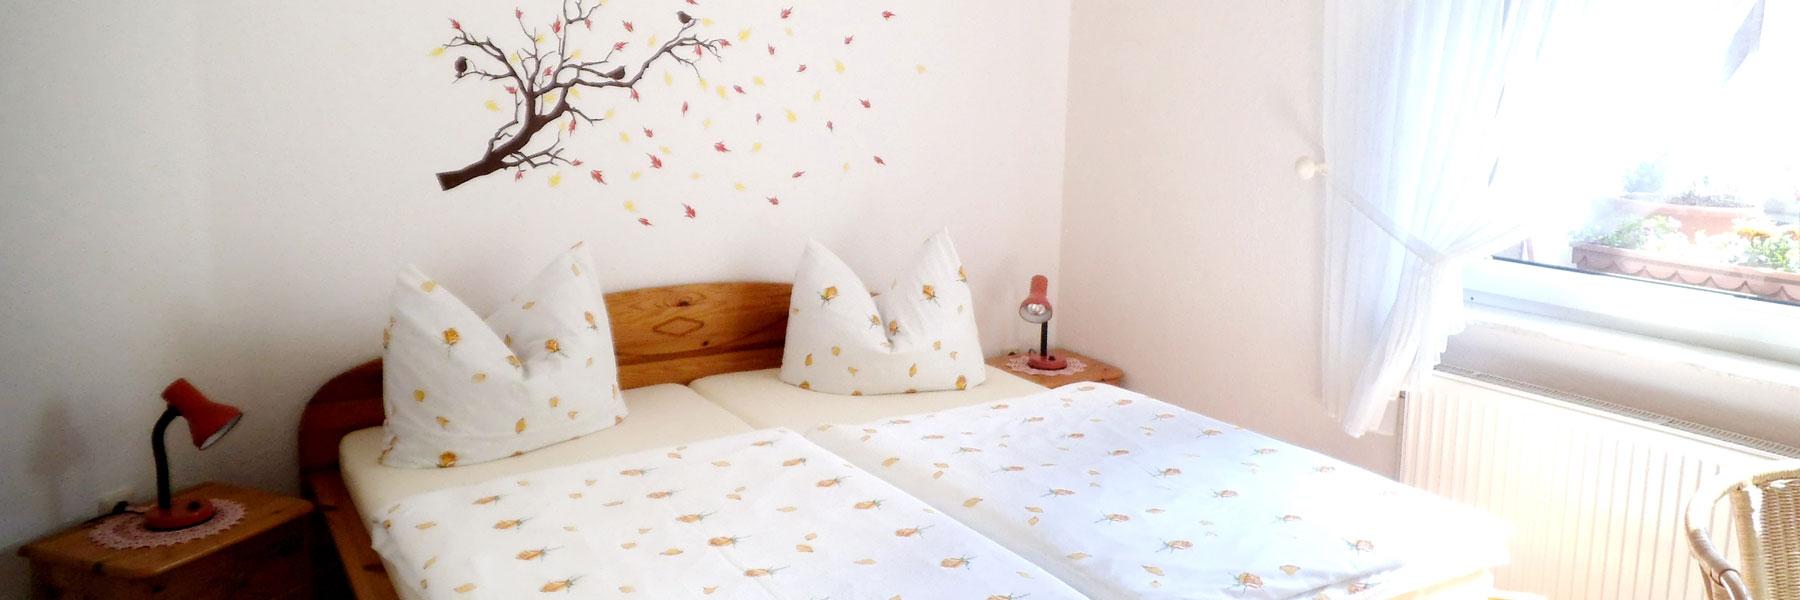 Schlafzimmer - Ferienwohnung Hahn